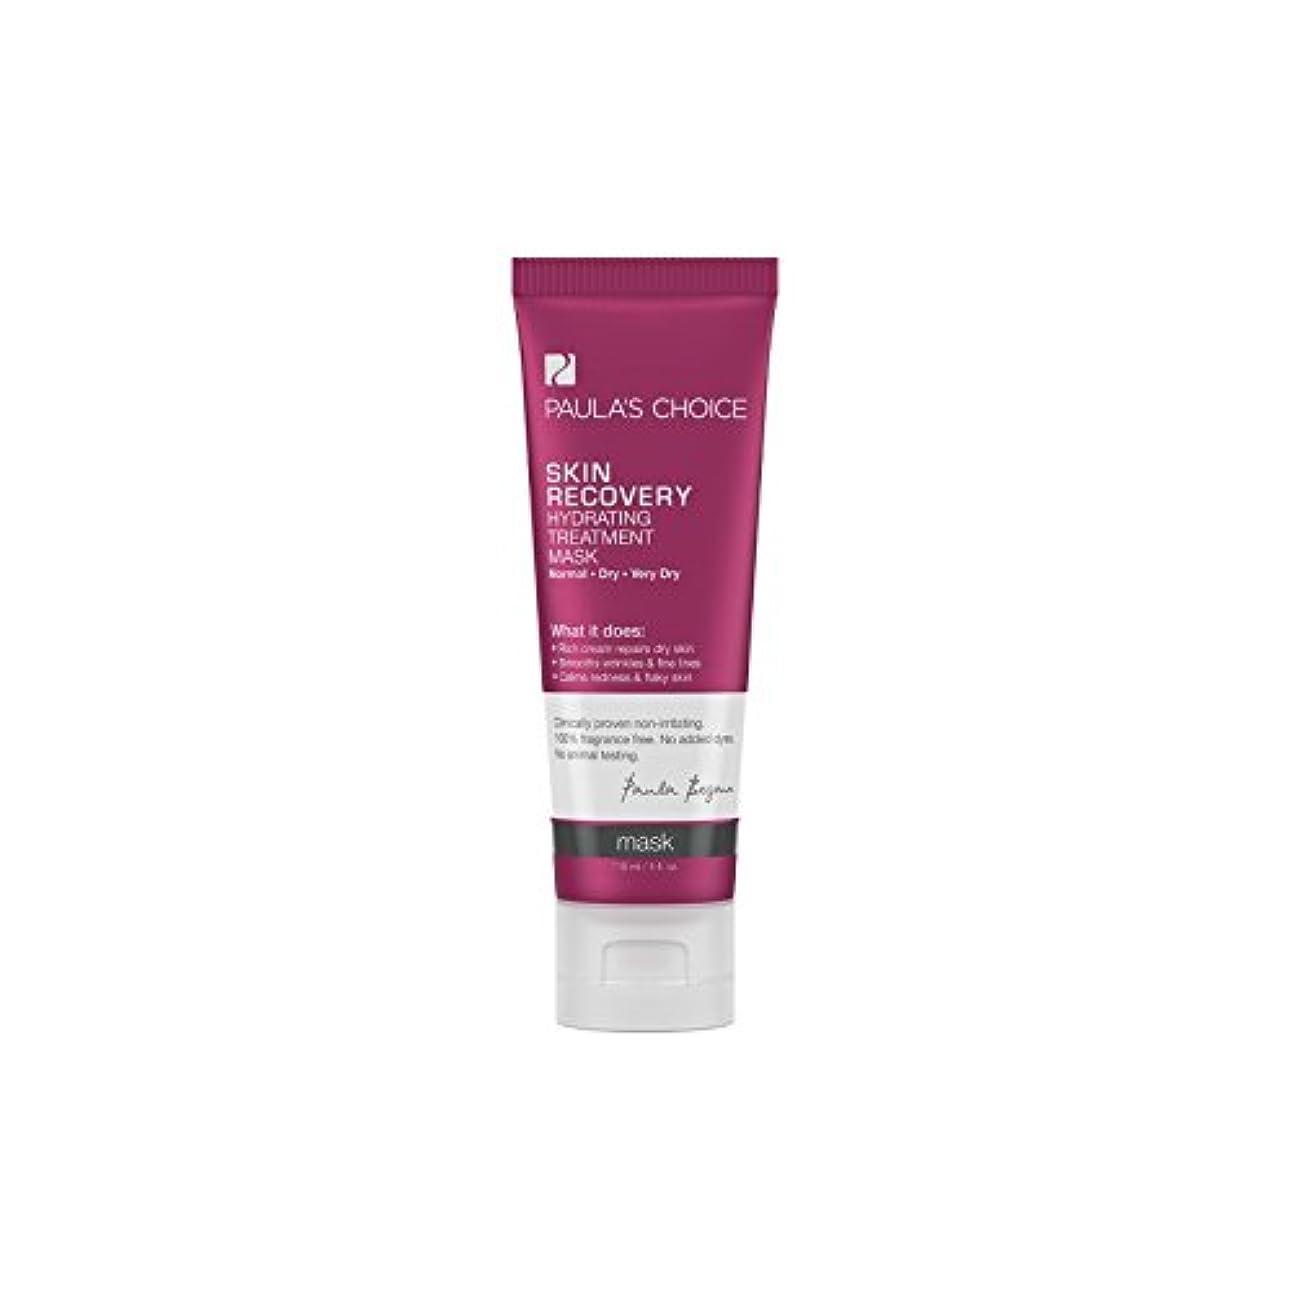 順応性ピークルネッサンスPaula's Choice Skin Recovery Hydrating Treatment Mask (118ml) - ポーラチョイスの肌の回復水和処理マスク(118ミリリットル) [並行輸入品]